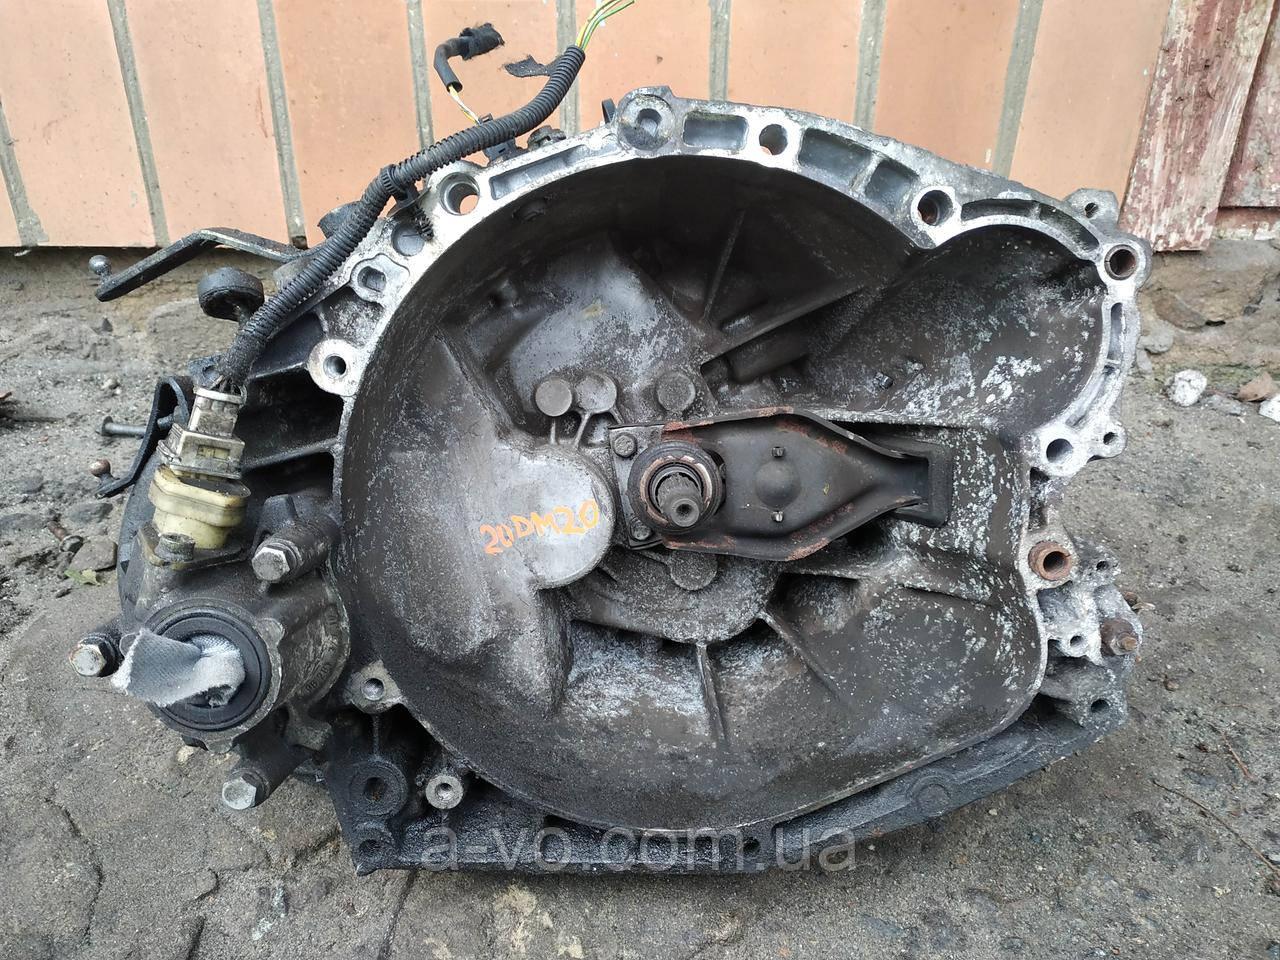 КПП Коробка передач для Peugeot 206 2.0HDI 2003, 20DM20